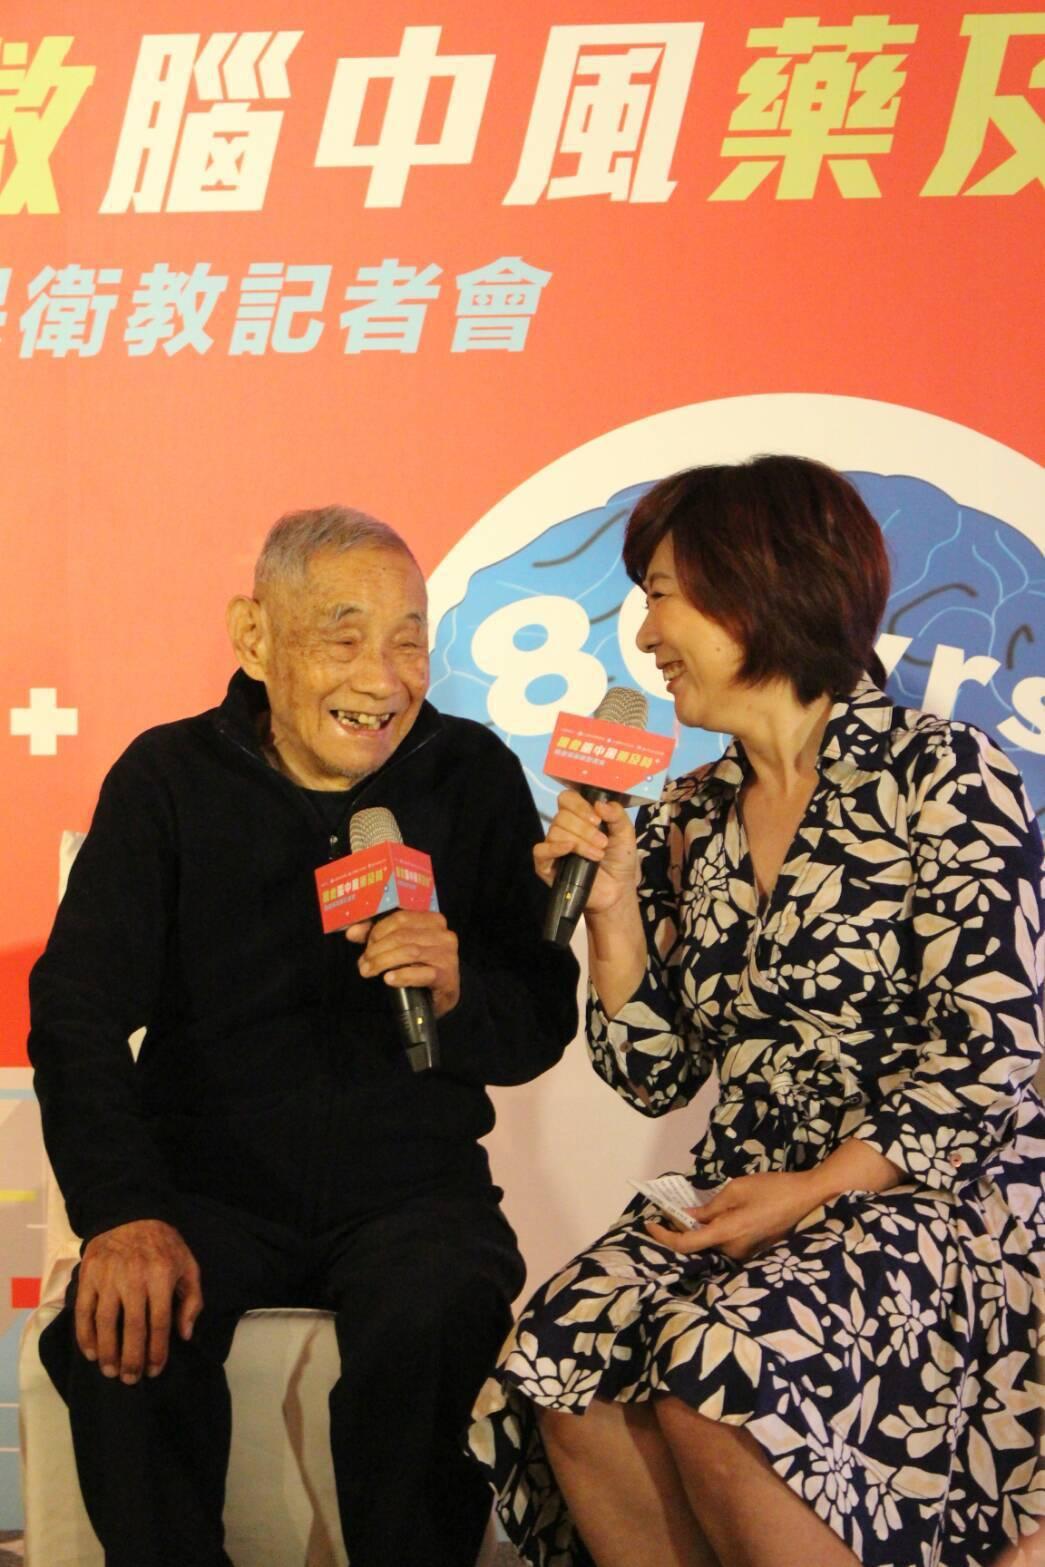 今年87歲的陳爺爺(左)兩年前中風,被醫師評估已為中度殘障,緊急施打靜脈血栓溶解...